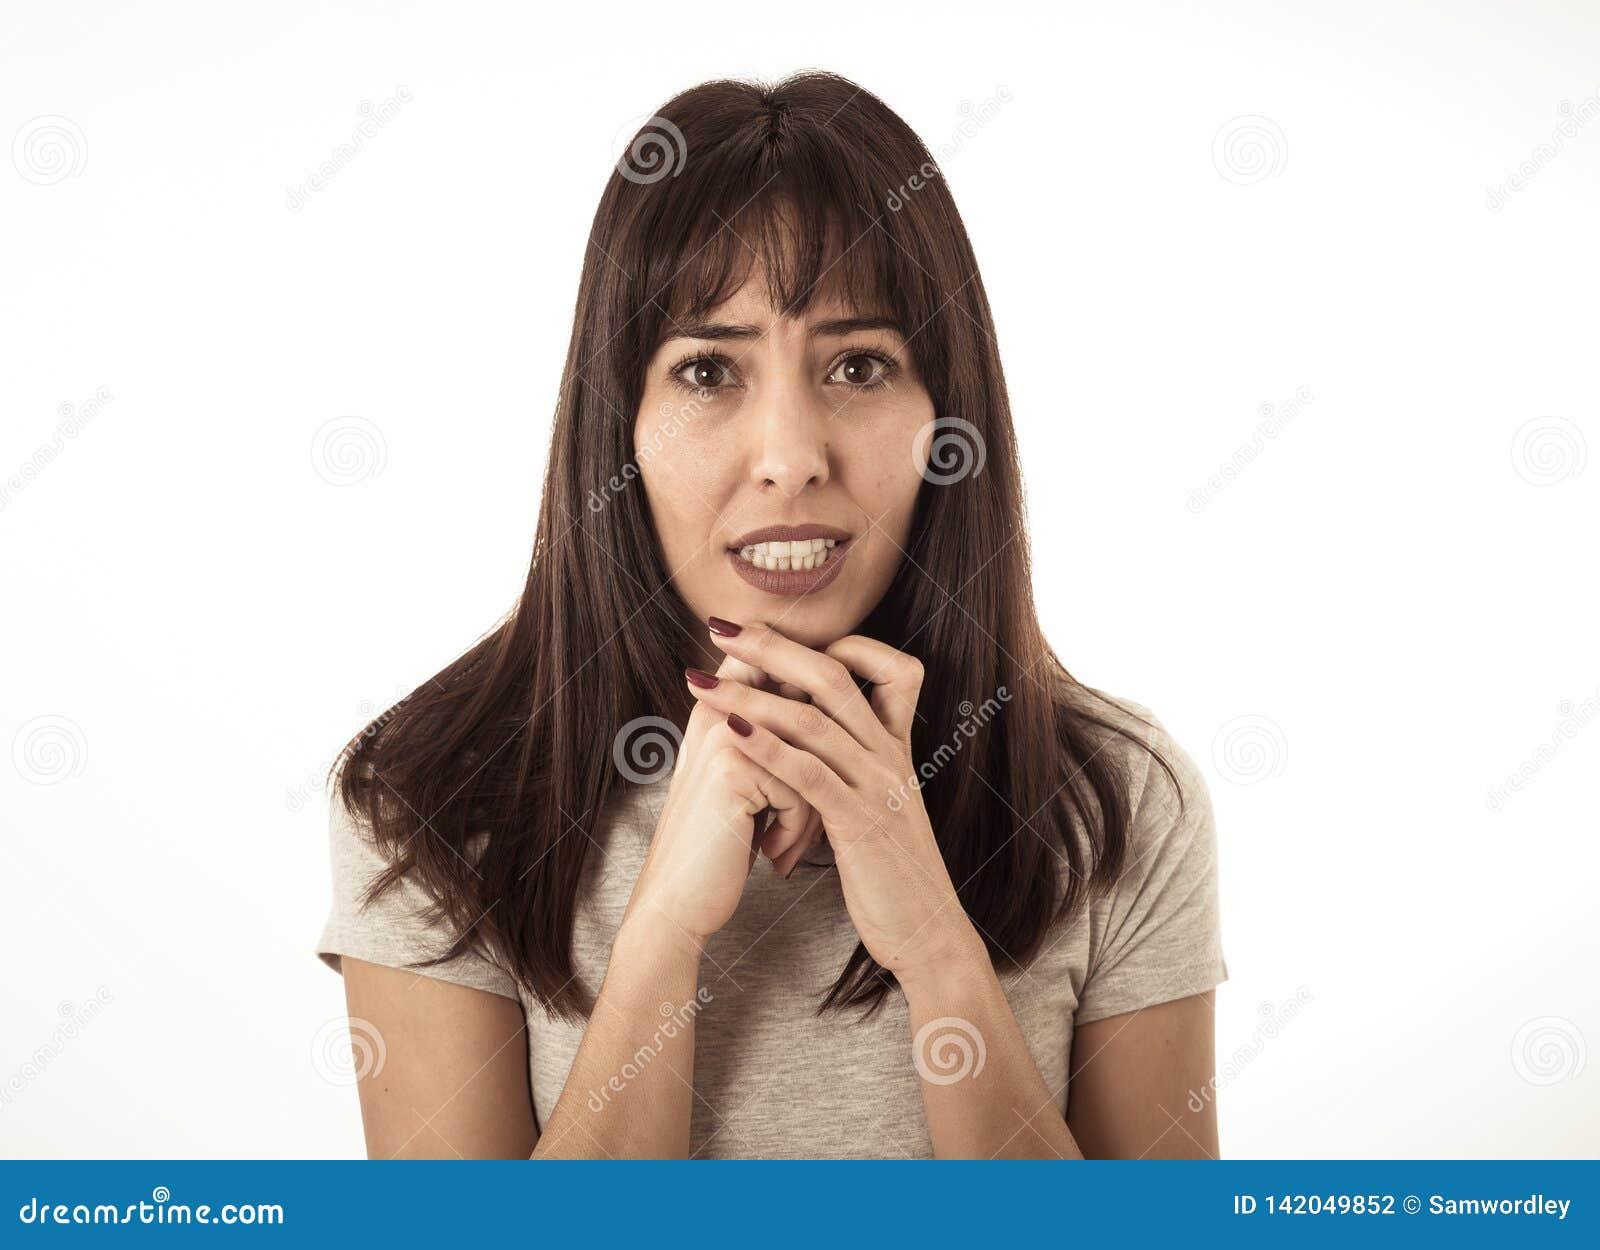 Stående av en ung attraktiv kvinna som ser skrämd och chockad Mänskliga uttryck och sinnesrörelser